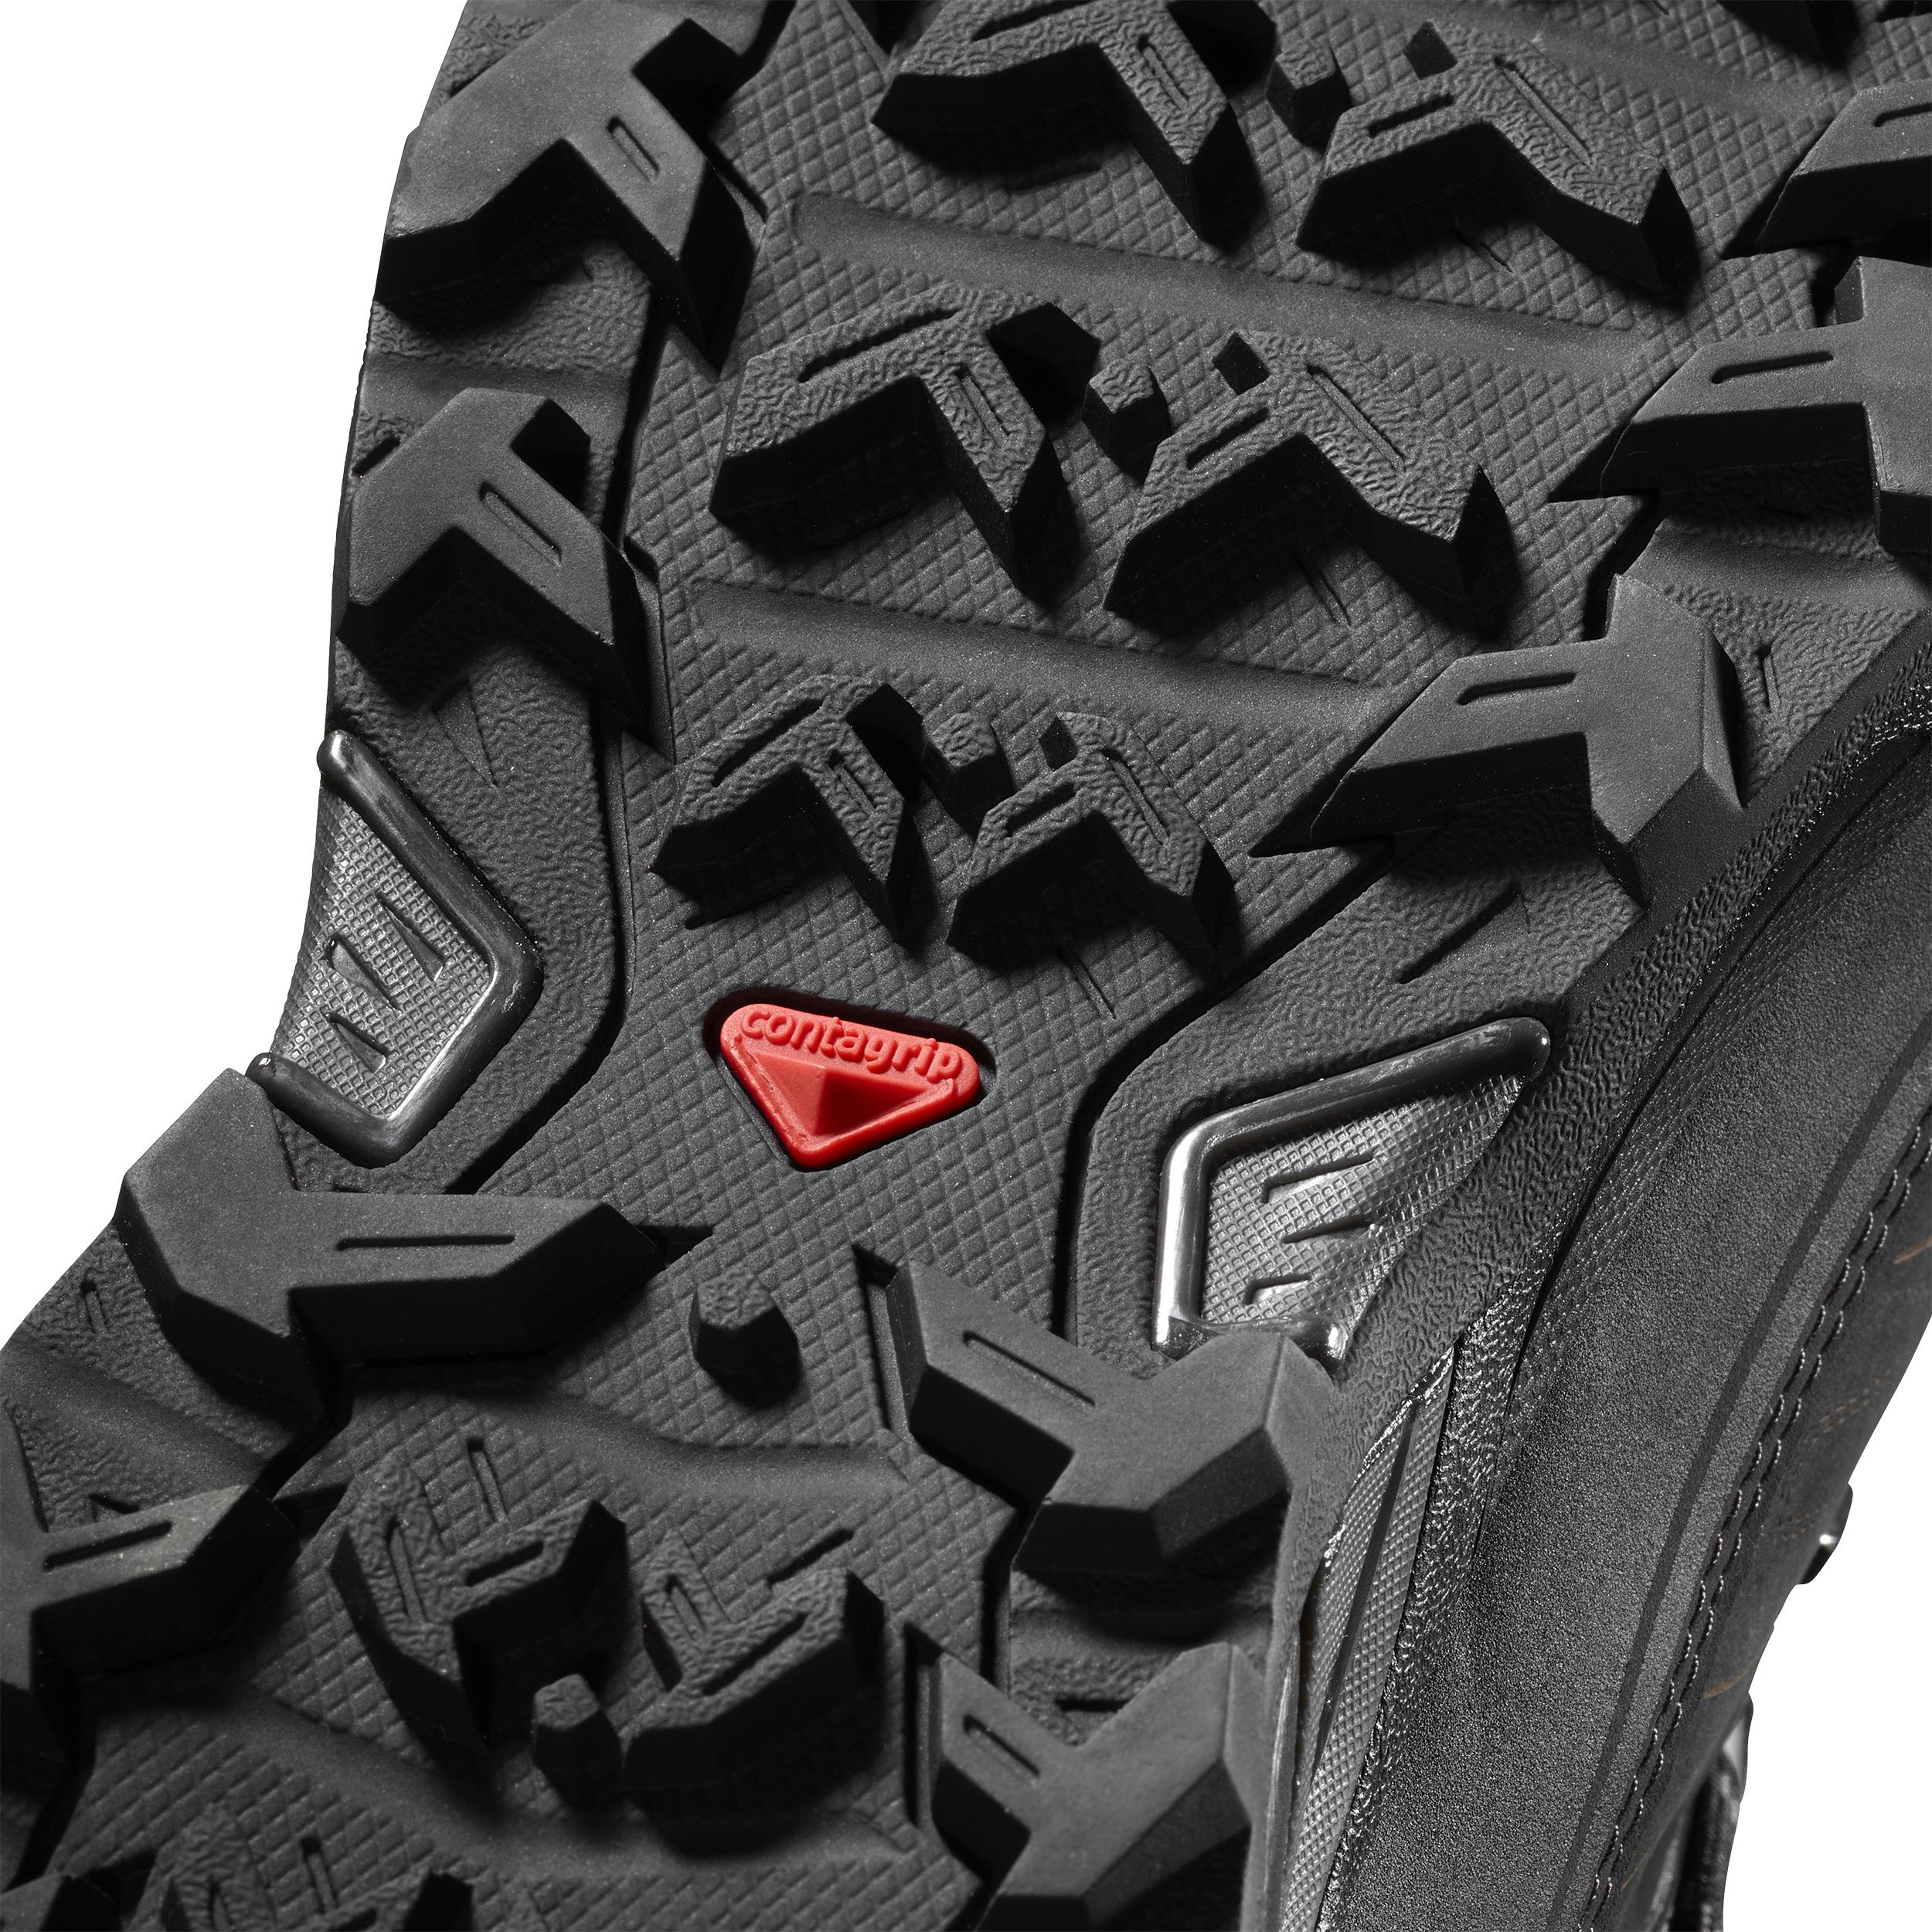 huge discount fcf16 17ada Salomon X Ultra 2 CS Waterproof Winter Boots - Men's